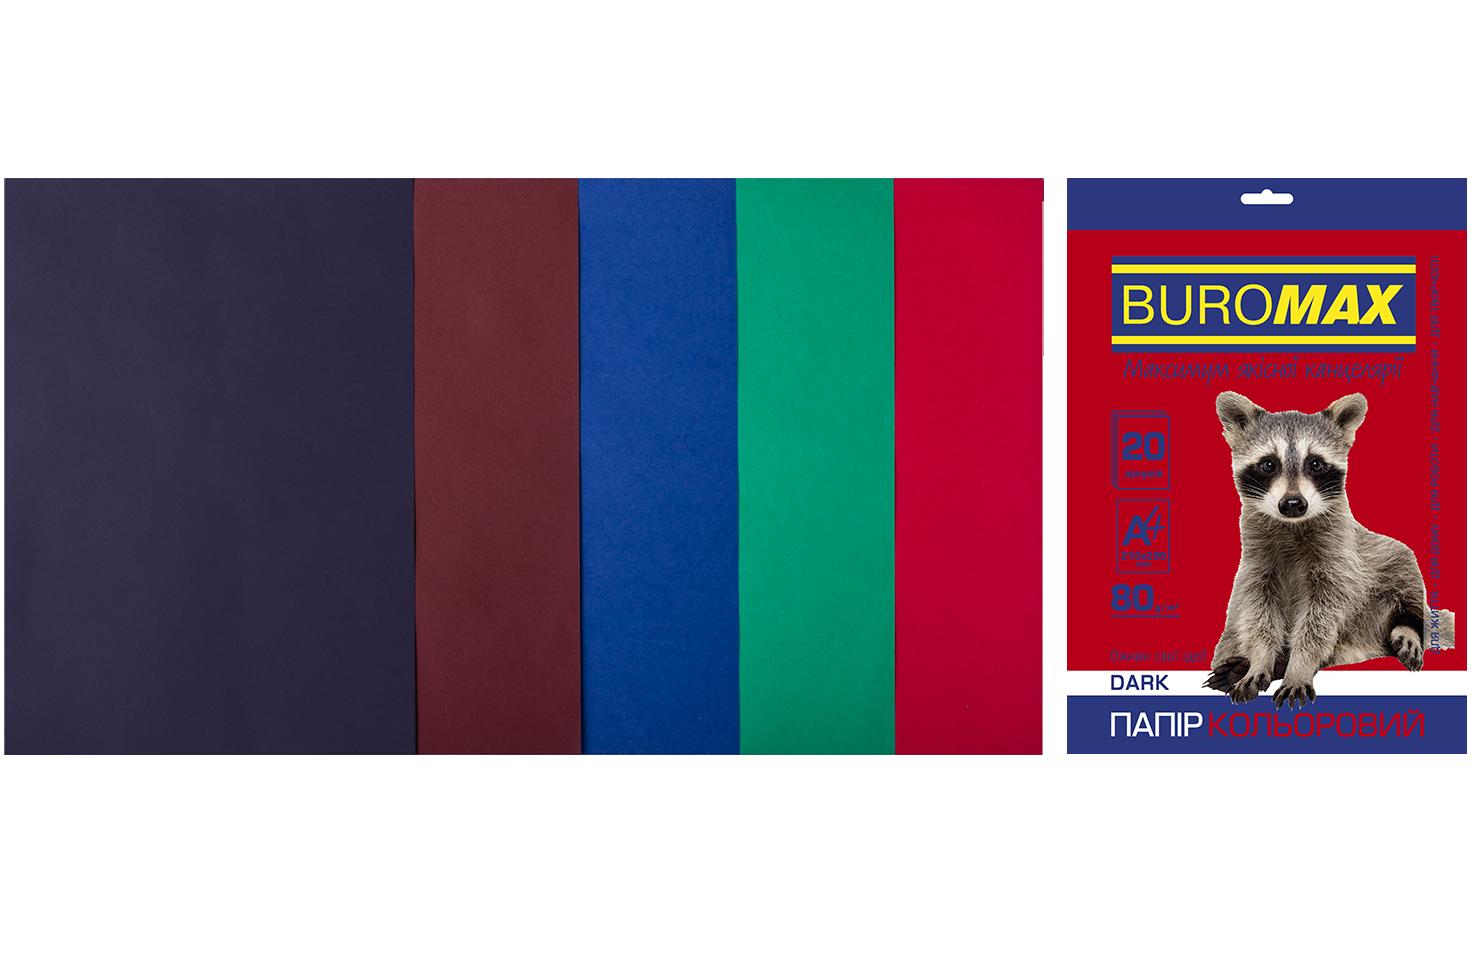 Набор цветной бумаги Buromax DARK, А4, 80г/м2, 20 листов, ассорти